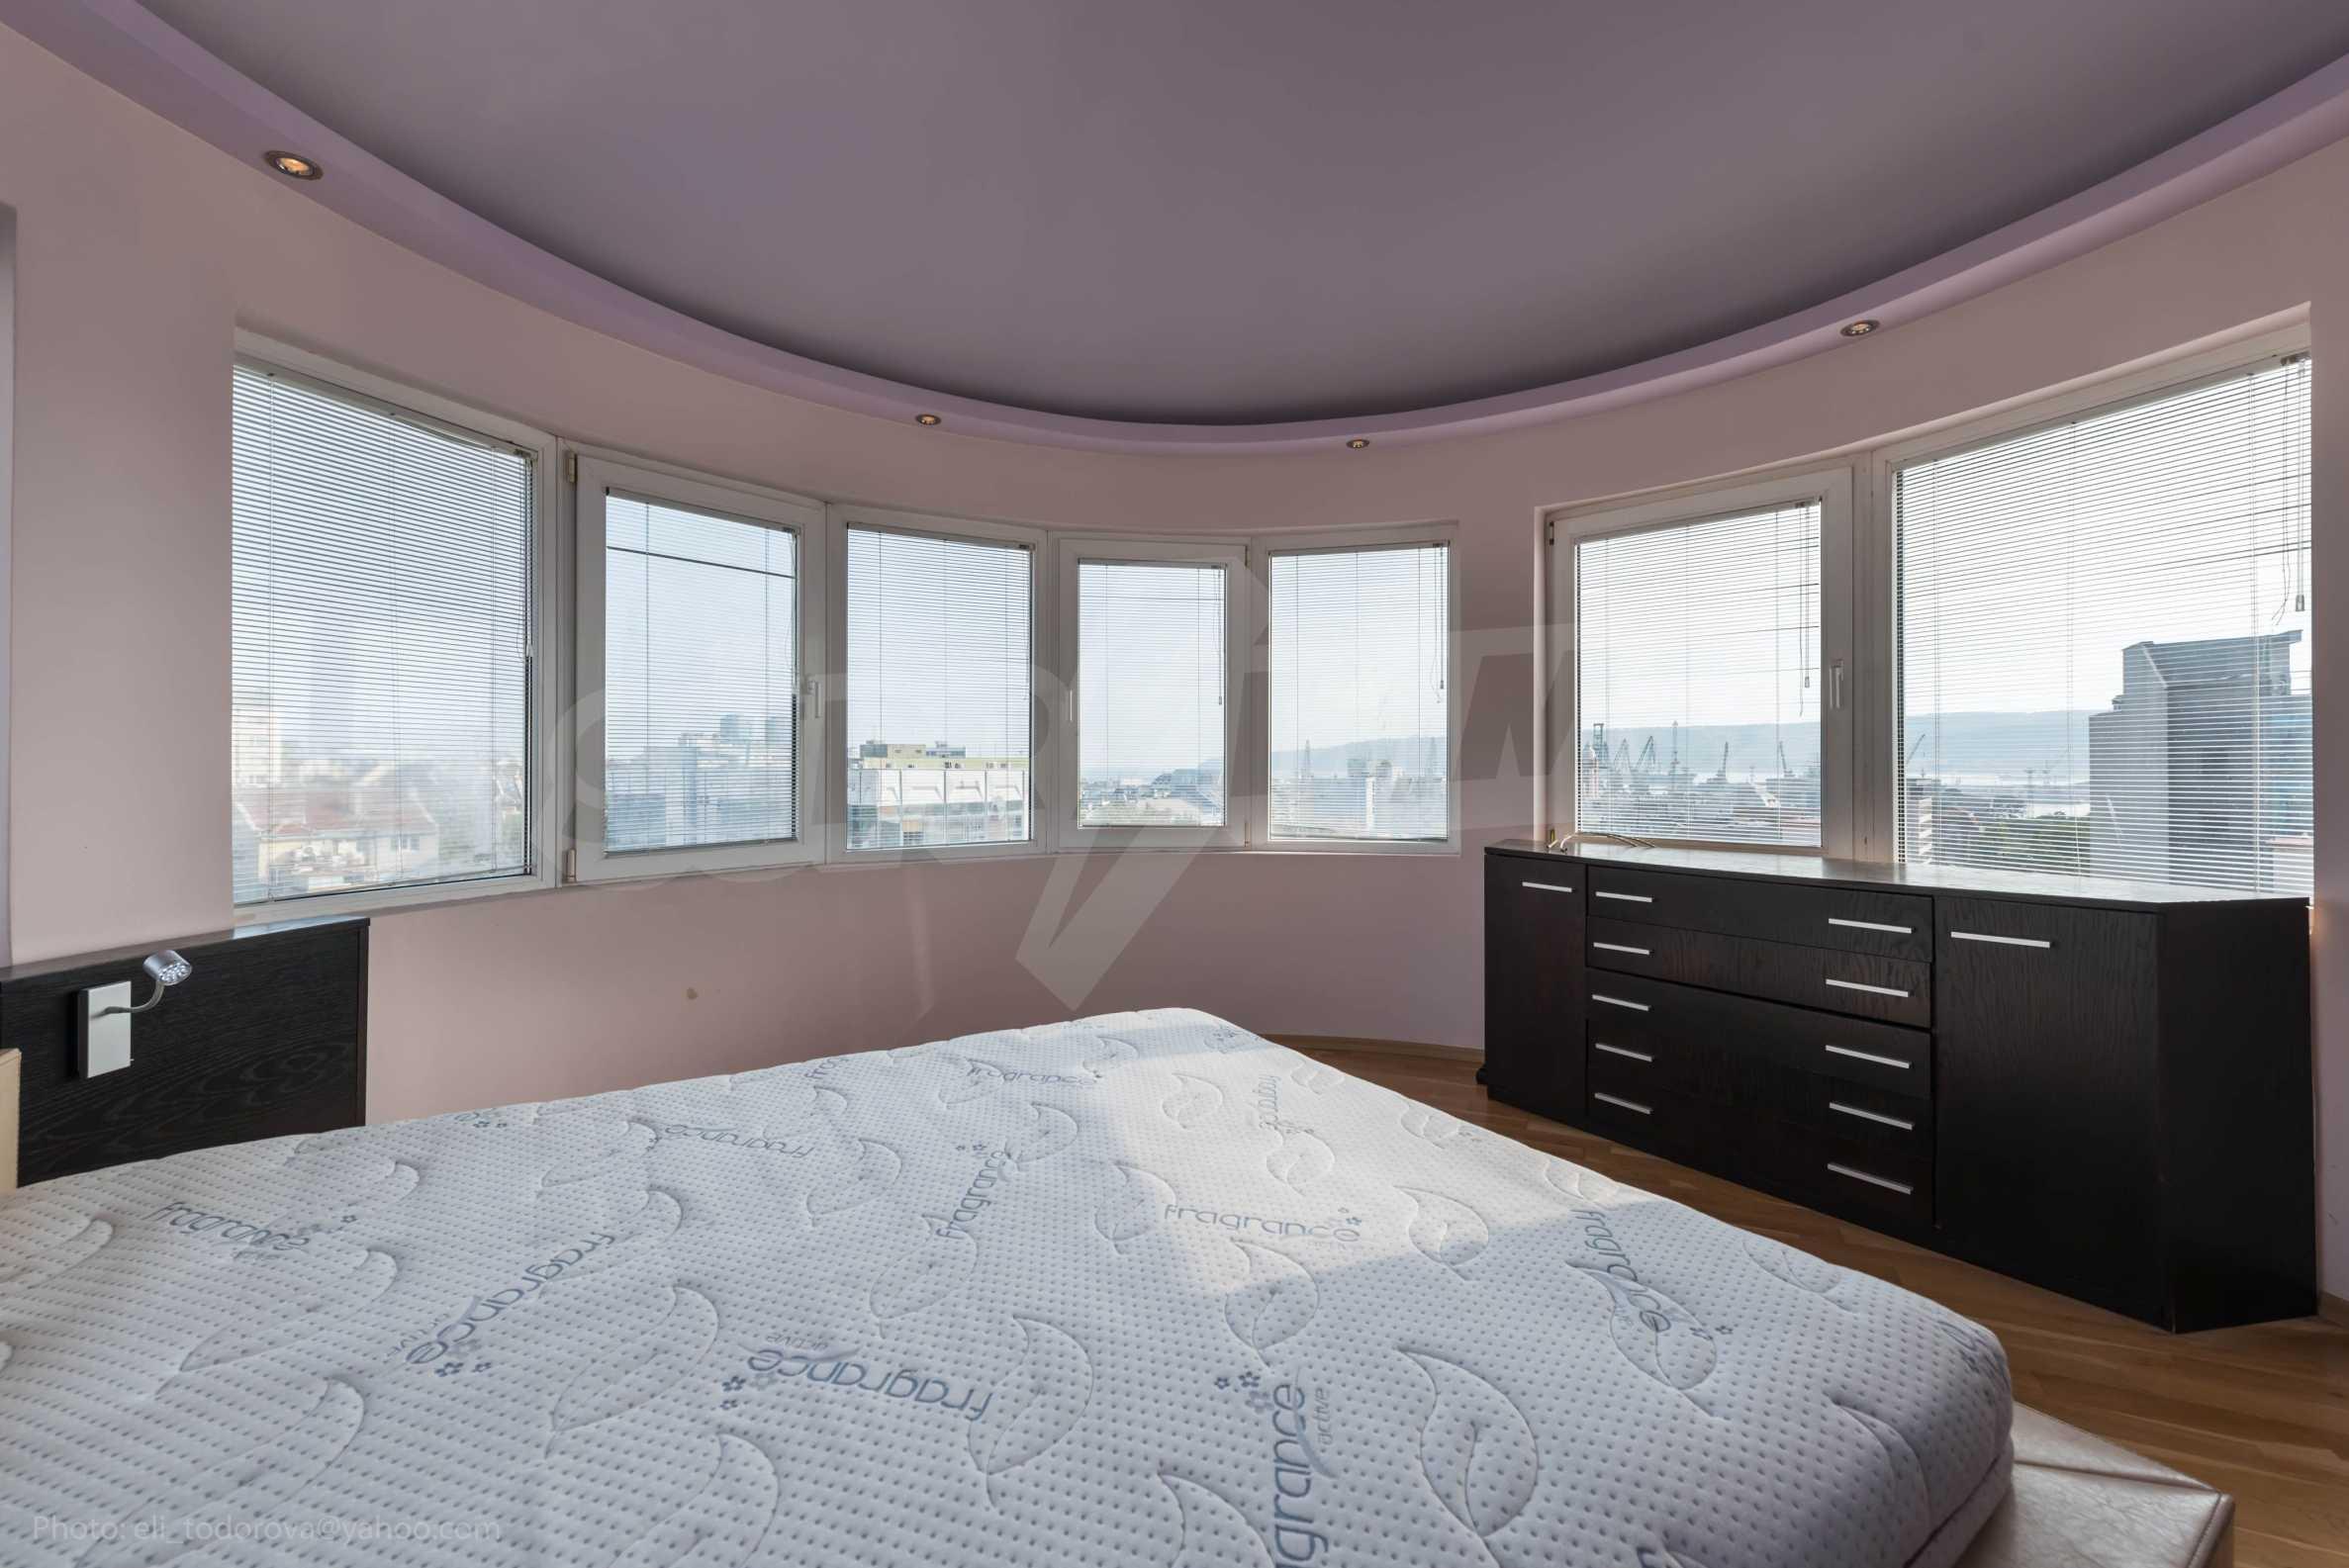 Квартира «Миша» - отличная трехкомнатная недвижимость в идеальном центре. 20